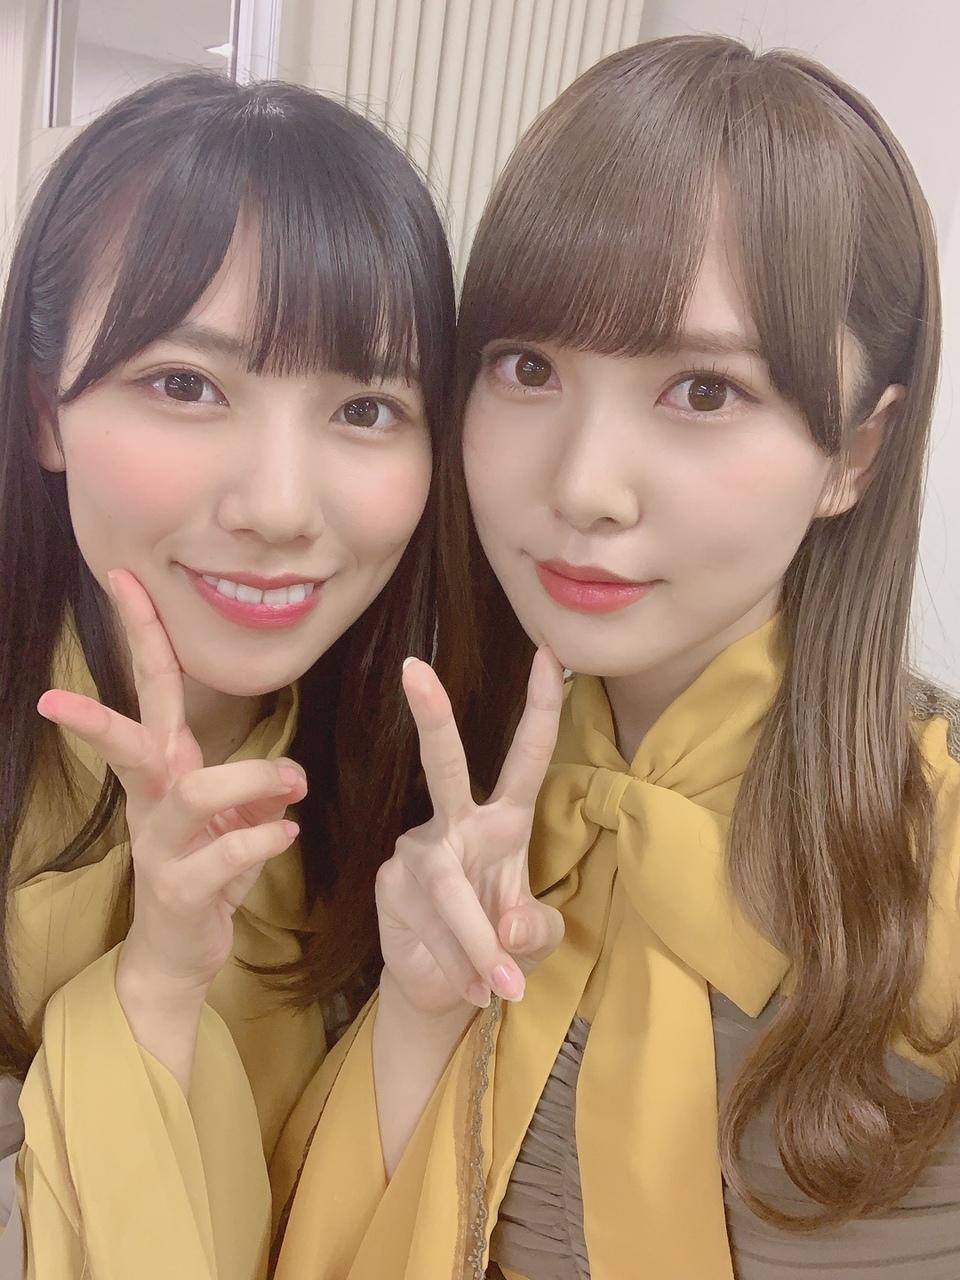 日向坂46メンバーブログまとめ2019年10月9日